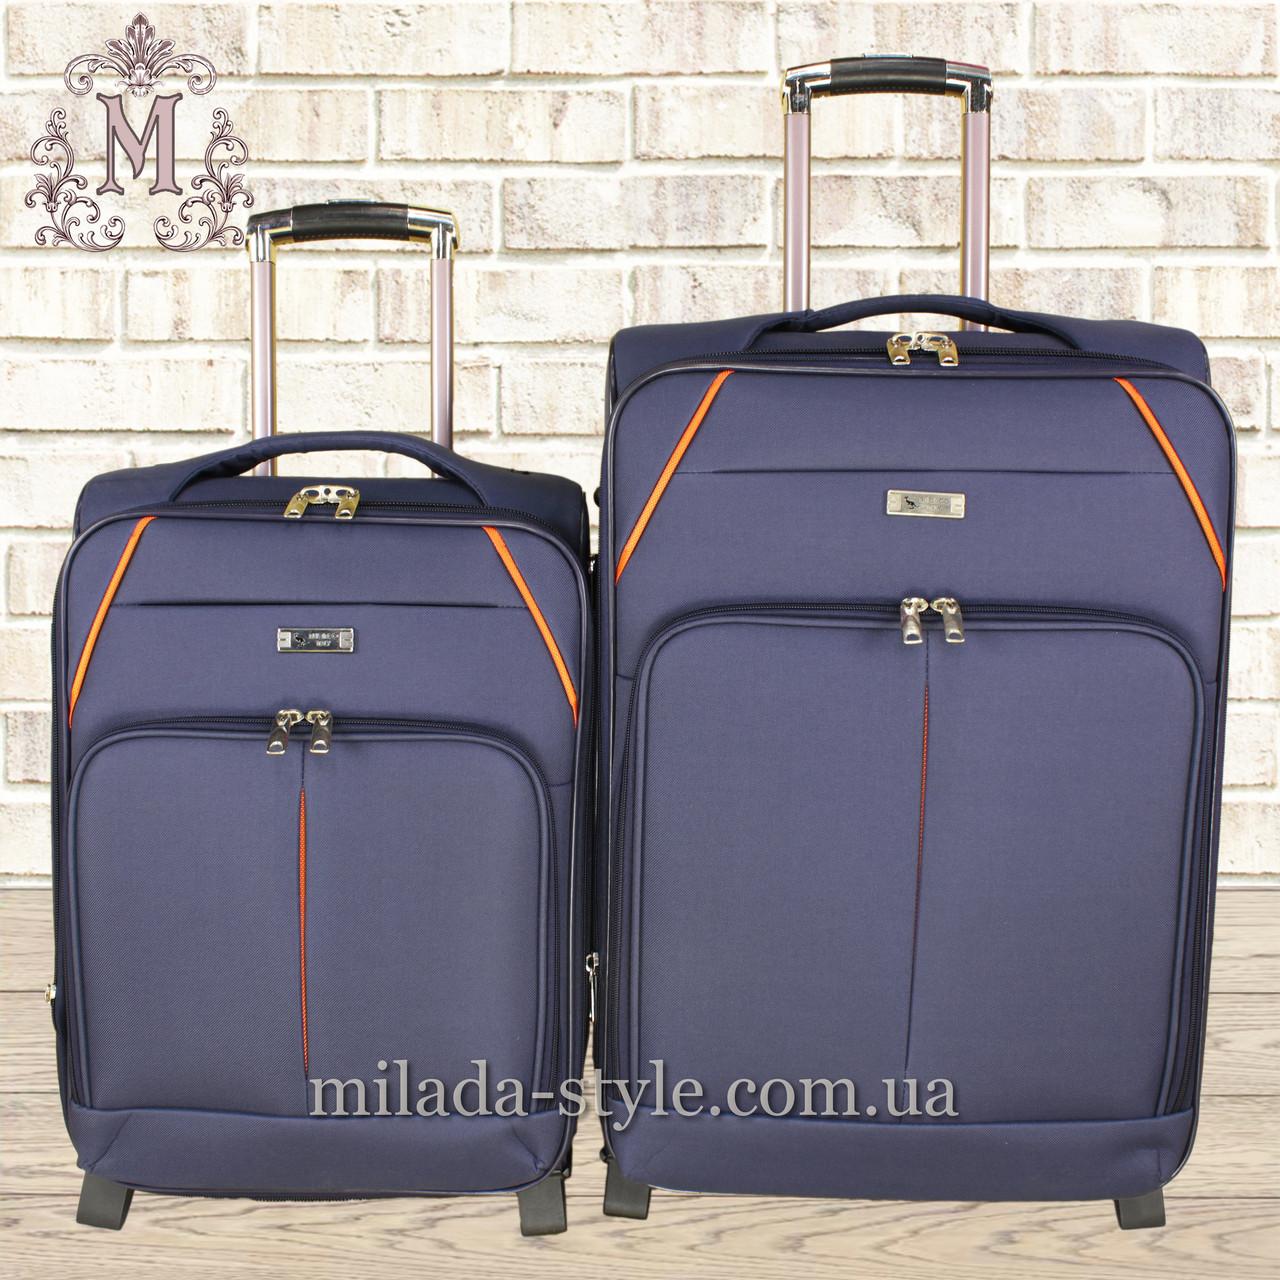 Комплект чемоданов 3 колеса 2в1 (синий)